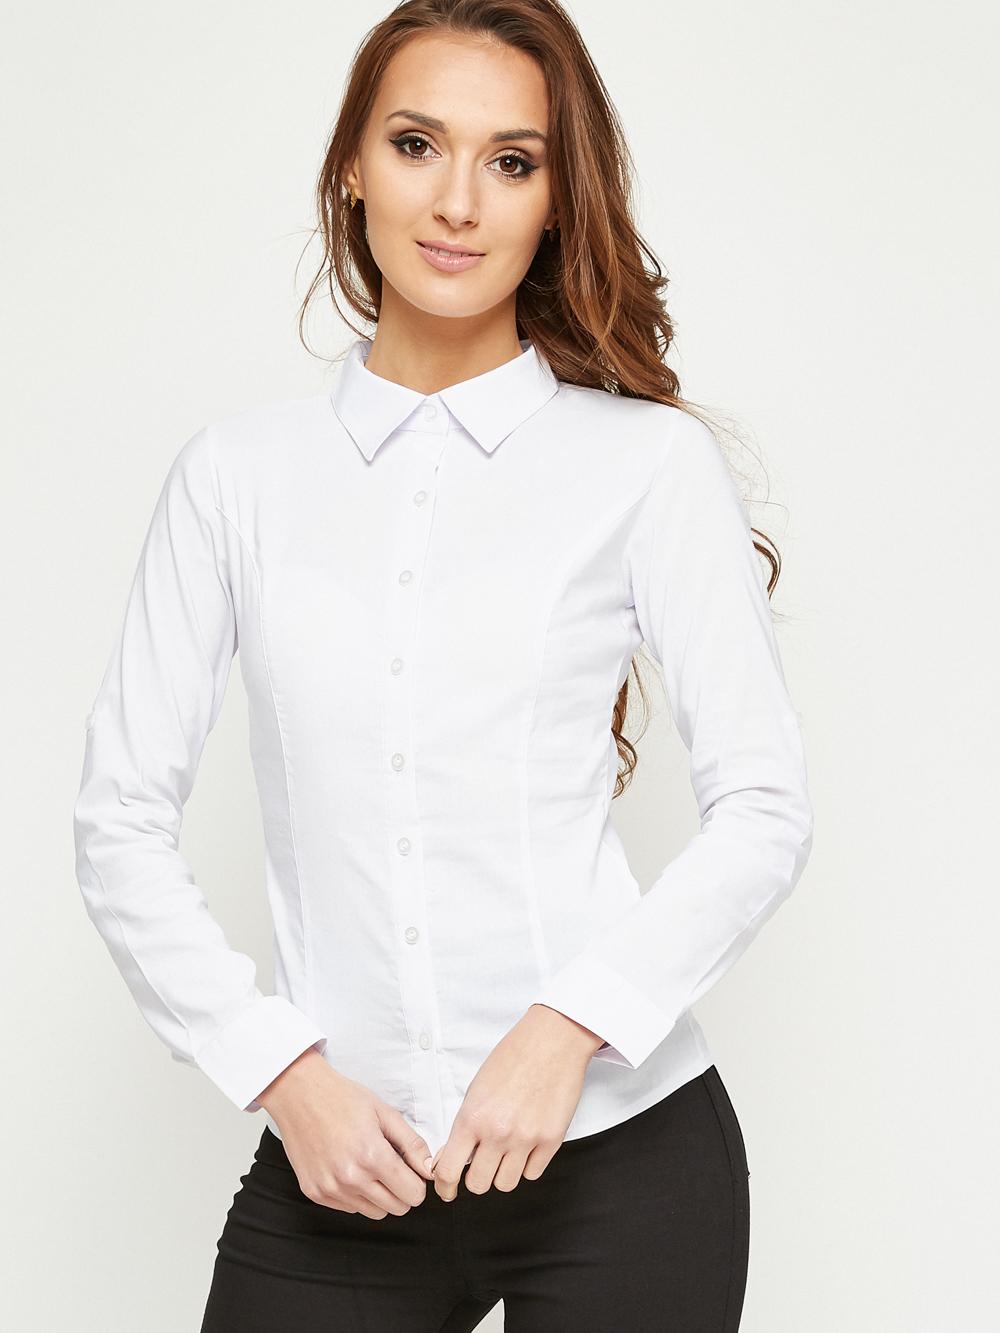 biała koszula damska